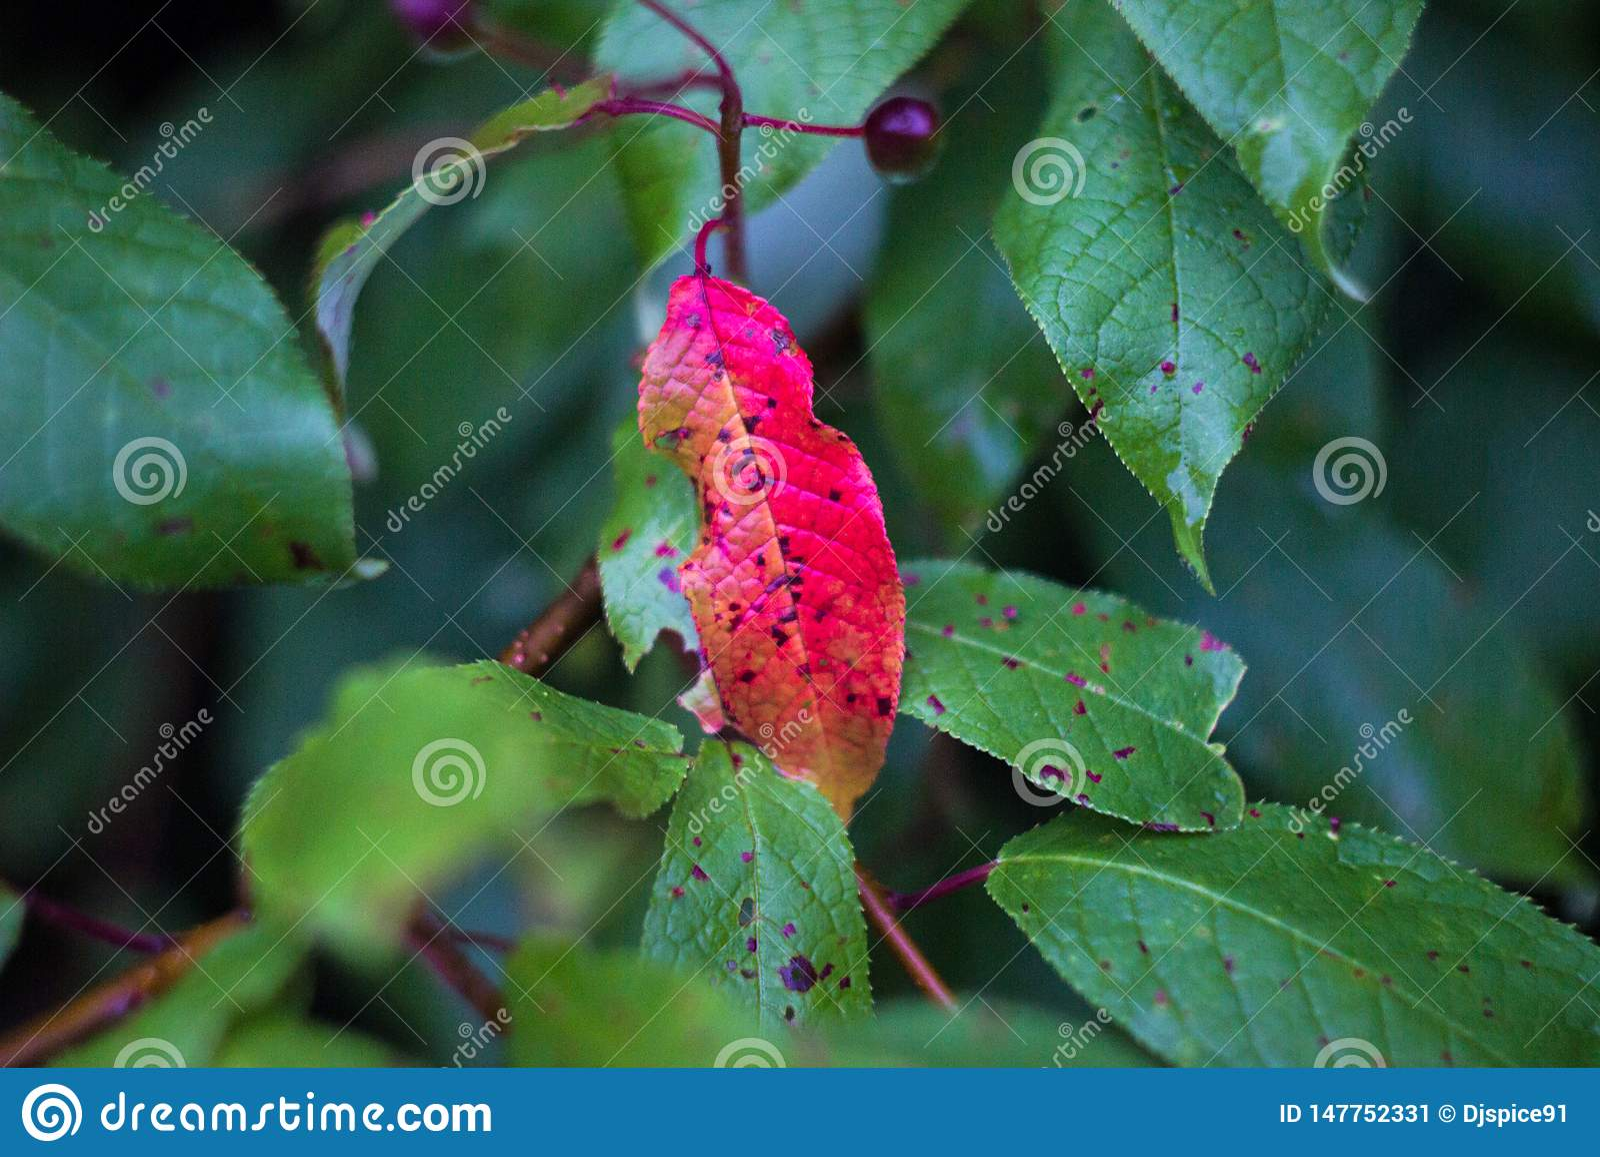 Rood blad op een tak met groene bladeren